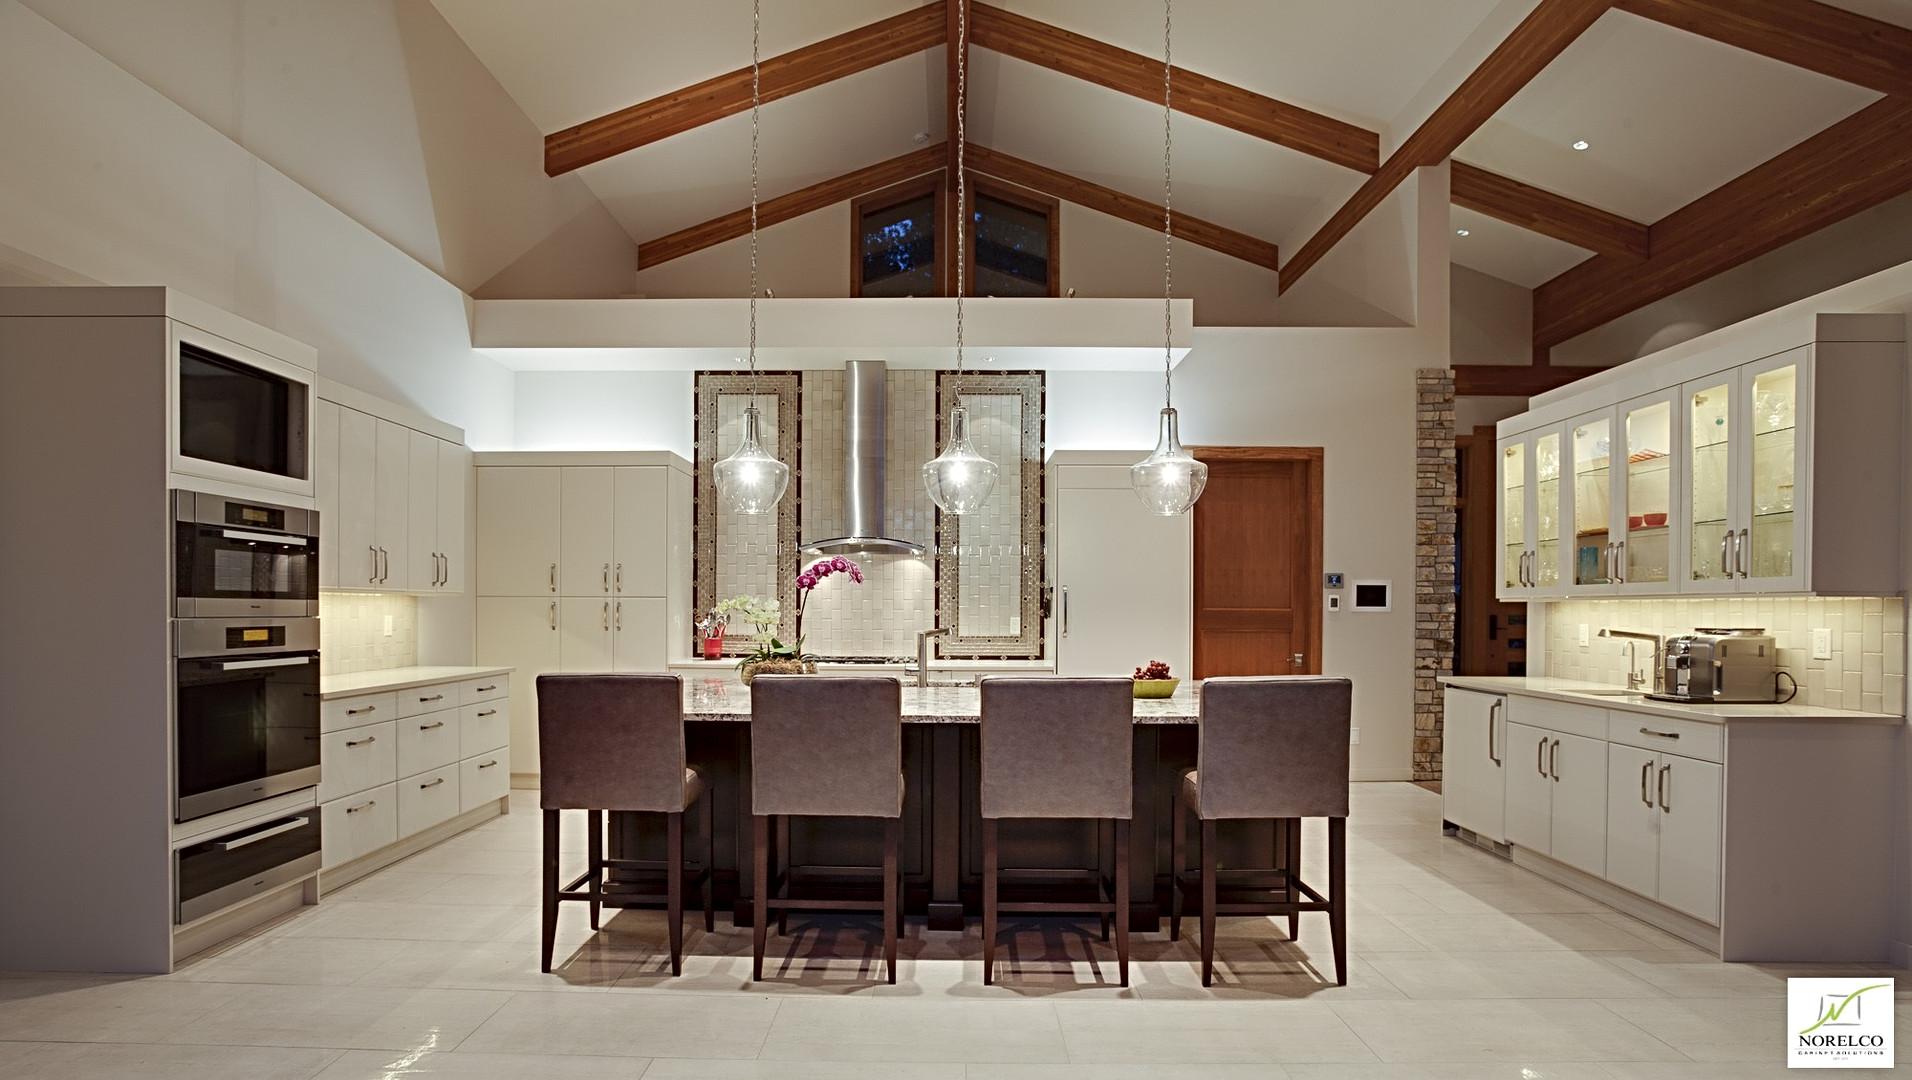 Norelco white kitchen.jpg